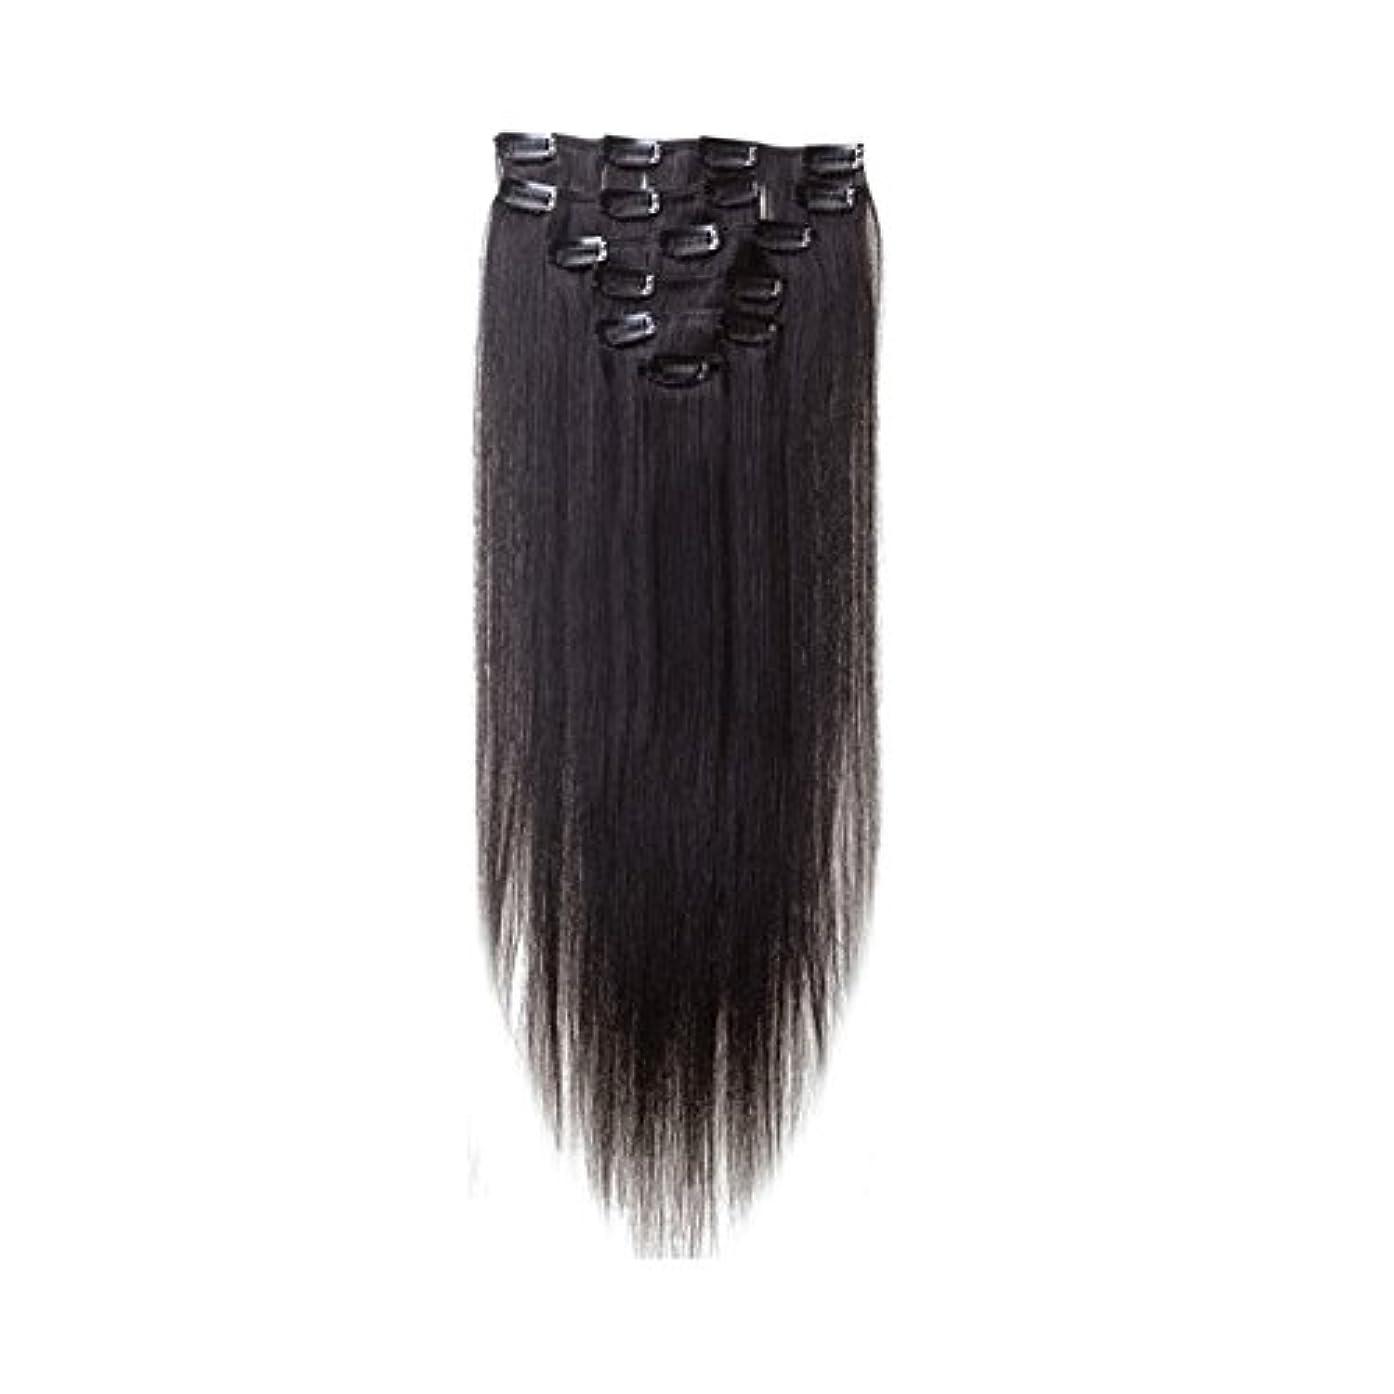 慣性会話アクチュエータヘアエクステンション,SODIAL(R) 女性の人間の髪 クリップインヘアエクステンション 7件 70g 22インチ ナチュラルブラック